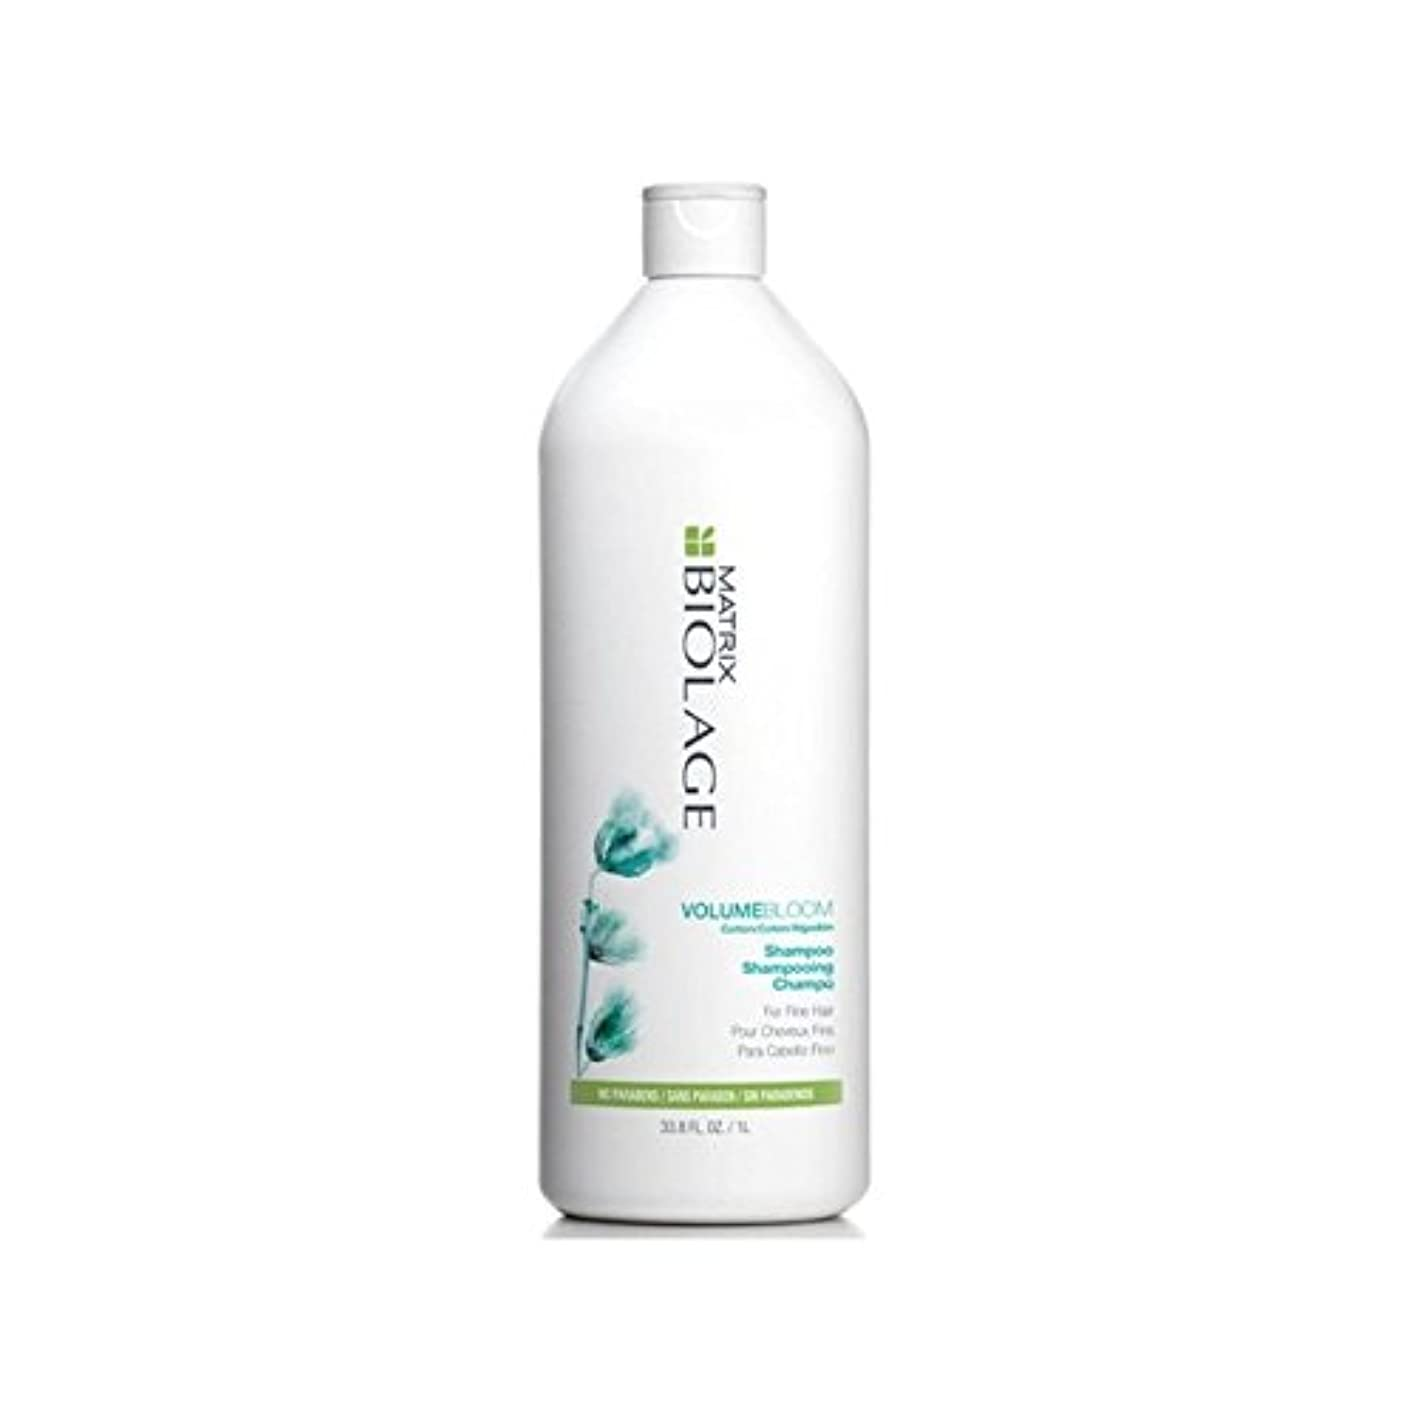 プットクラシック宿命Matrix Volumebloom Shampoo (1000ml) With Pump (Pack of 6) - ポンプを有するマトリックスシャンプー(千ミリリットル) x6 [並行輸入品]